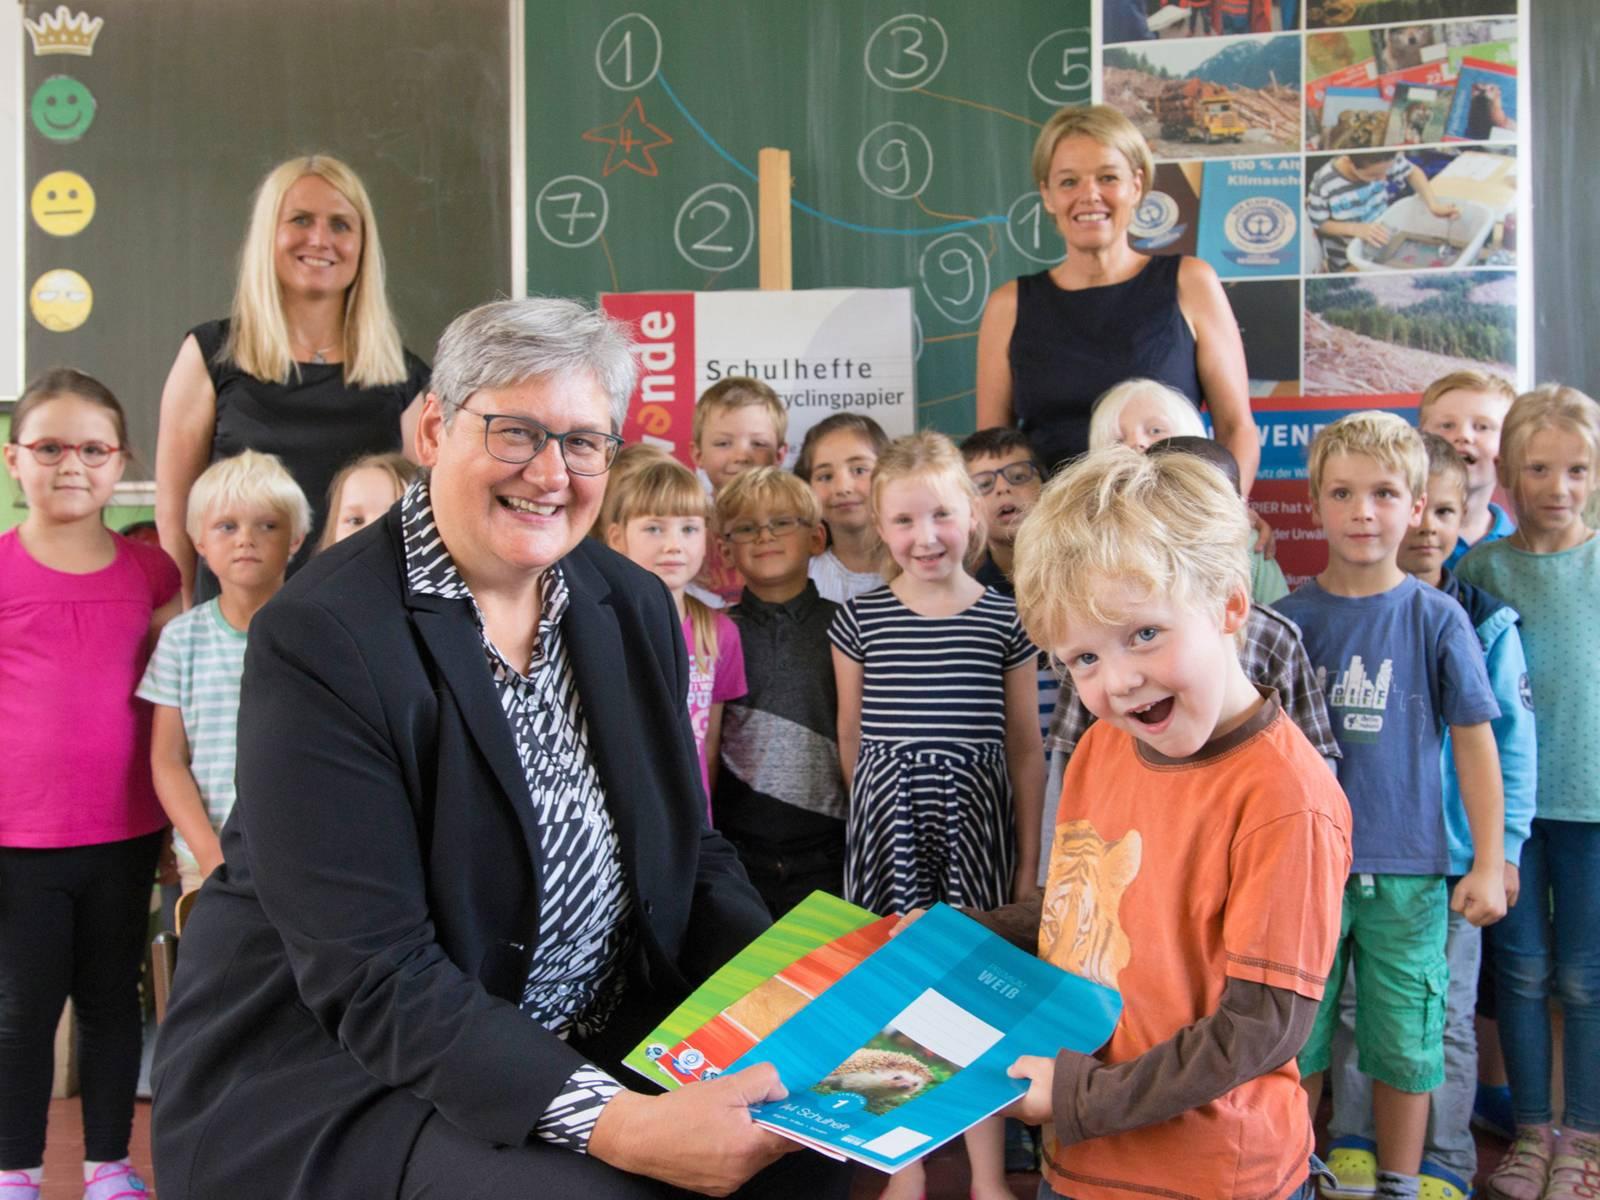 Eine Frau und ein Kind halten Schulhefte in die Kamera, im Hintergrund steht die restliche Schulklasse vor einer Tafel